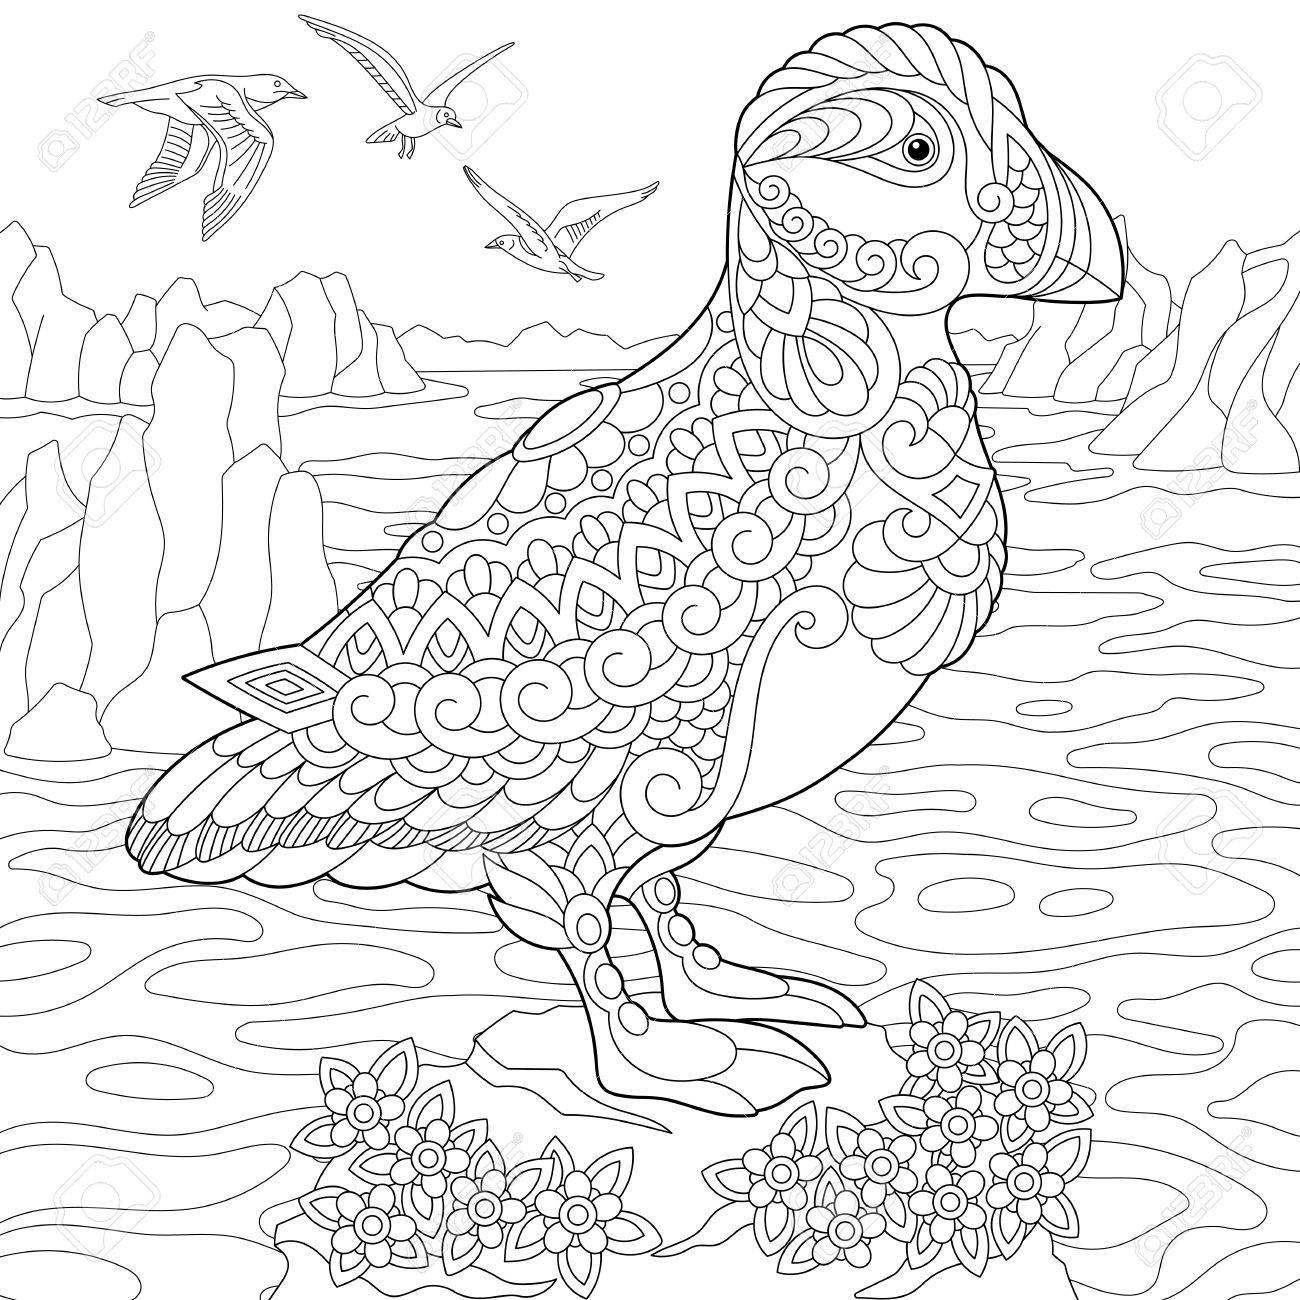 Coloriage De Macareux Oiseau De Mer Des Eaux Nordiques Et Arctiques